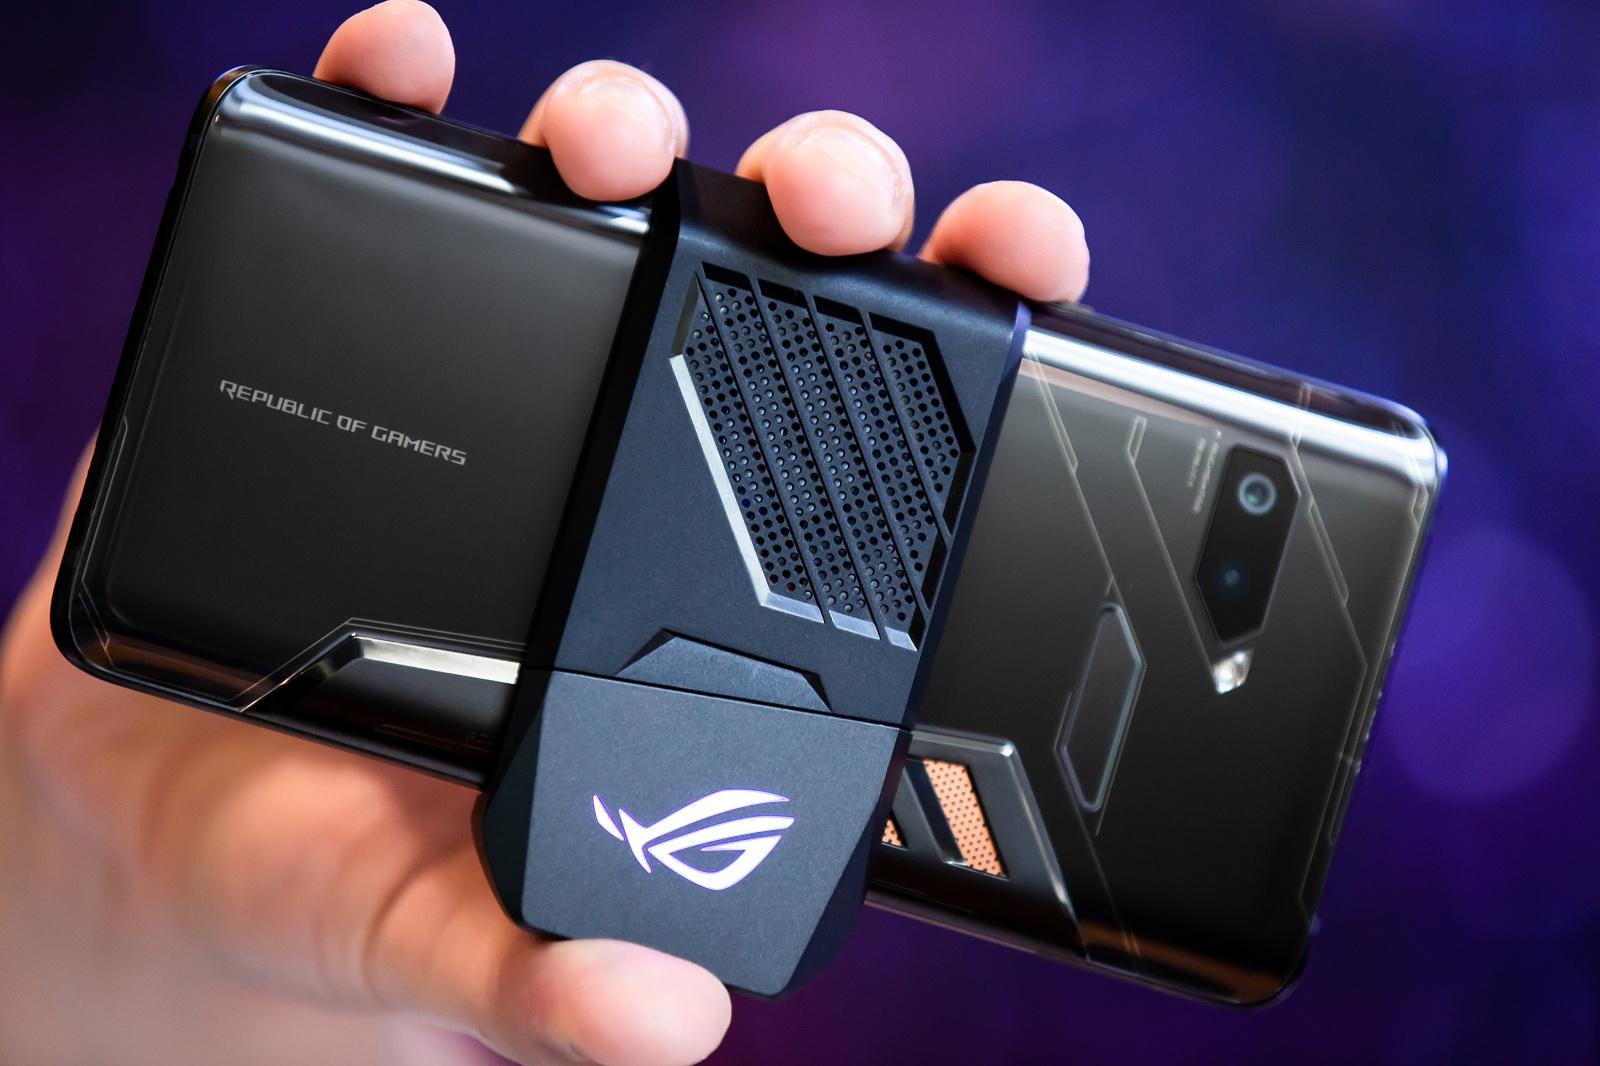 Первый взгляд на геймерский смартфон ASUS ROG Phone - 11